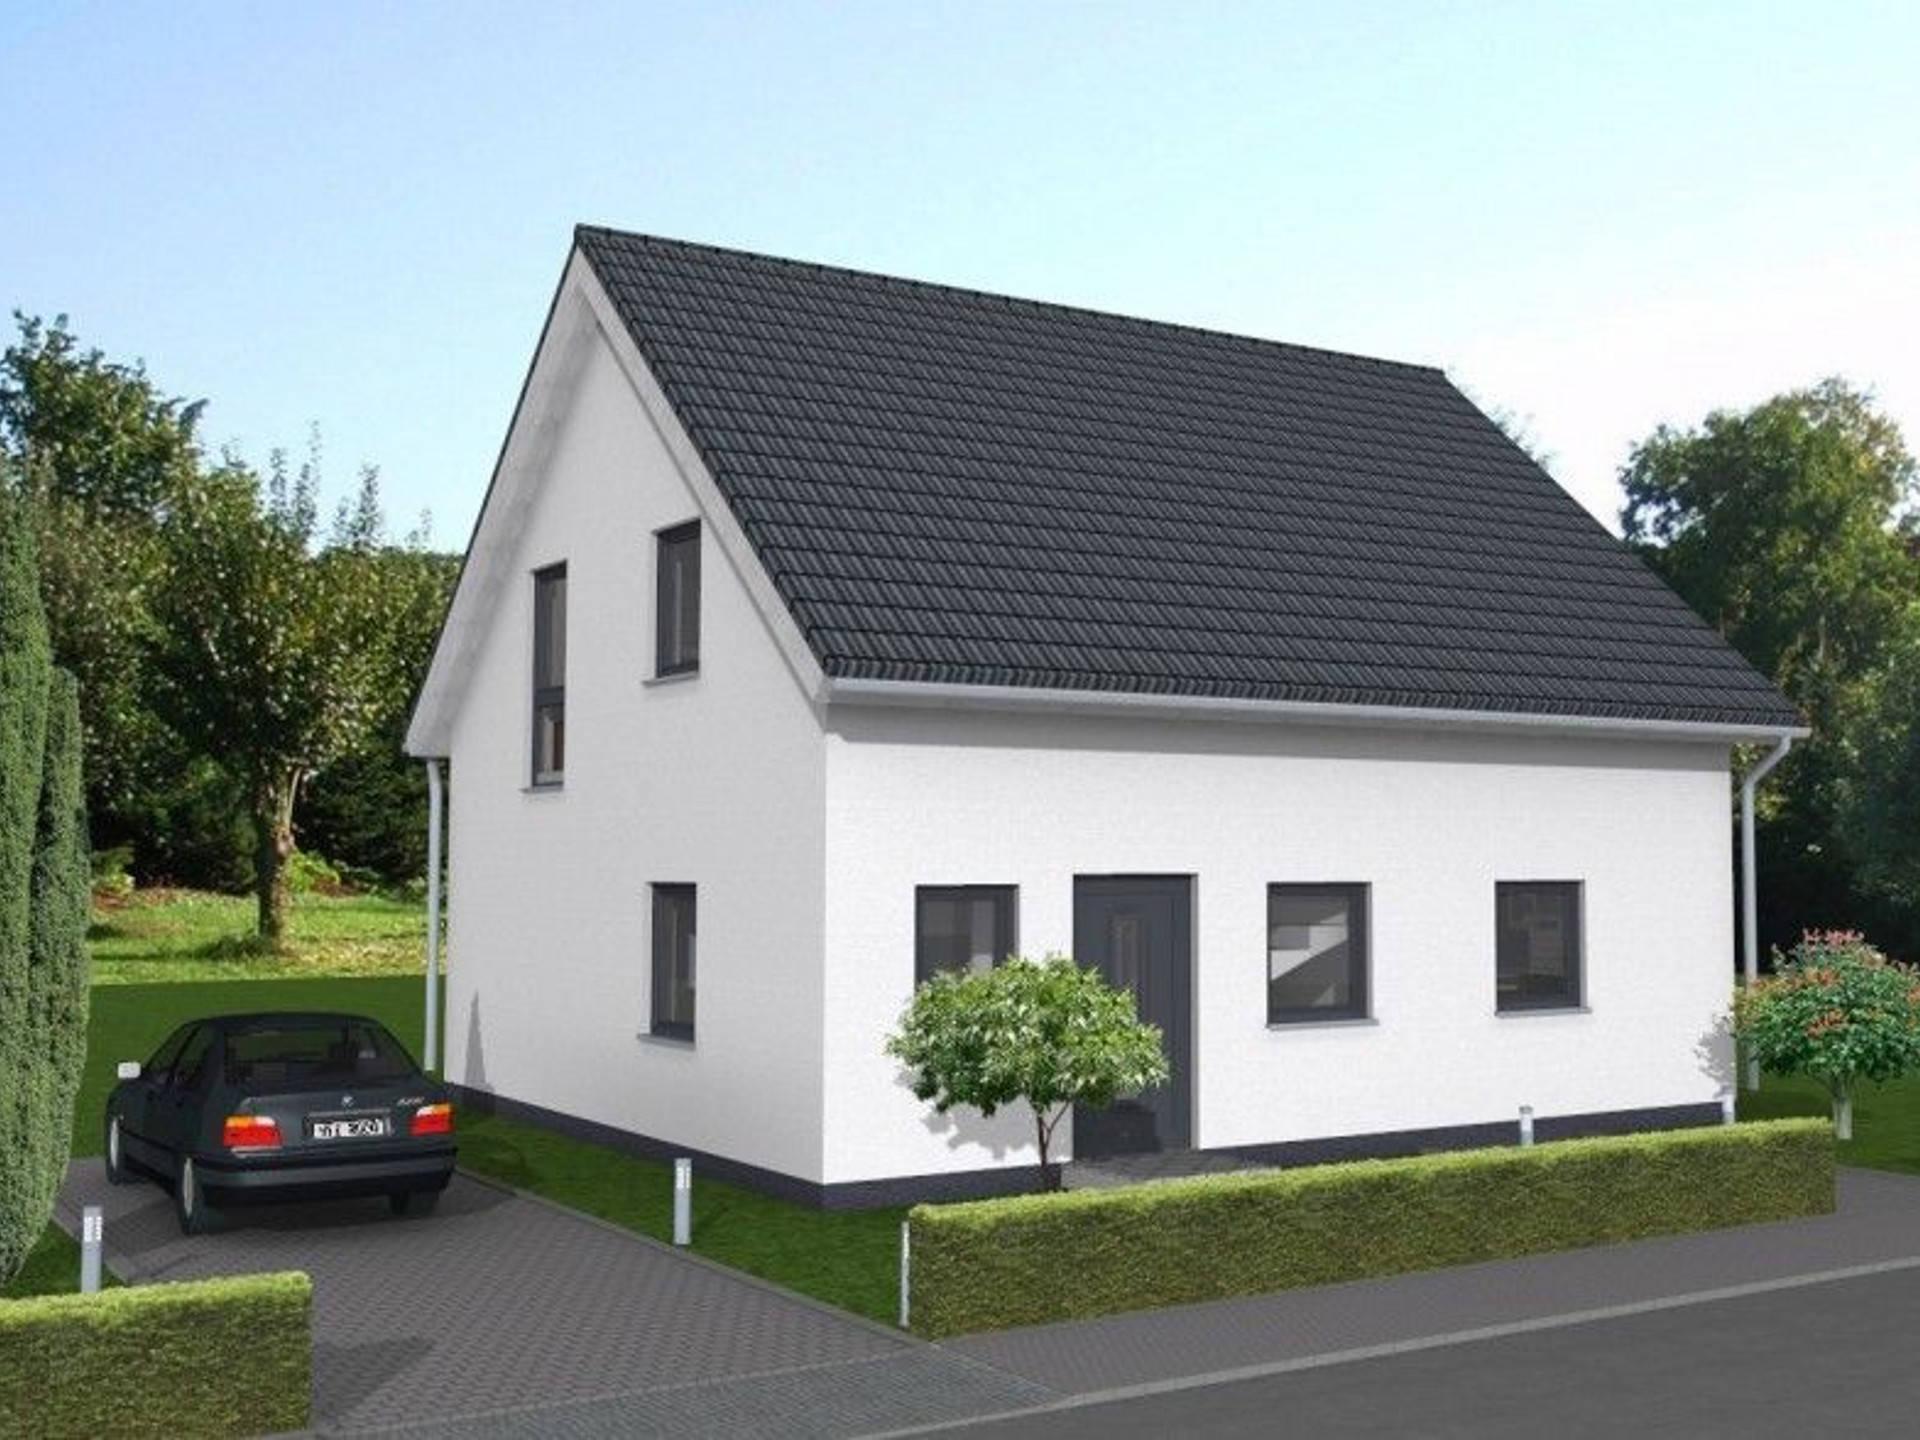 Paul Das Modulhaus Zimmermann Haus Musterhaus Net